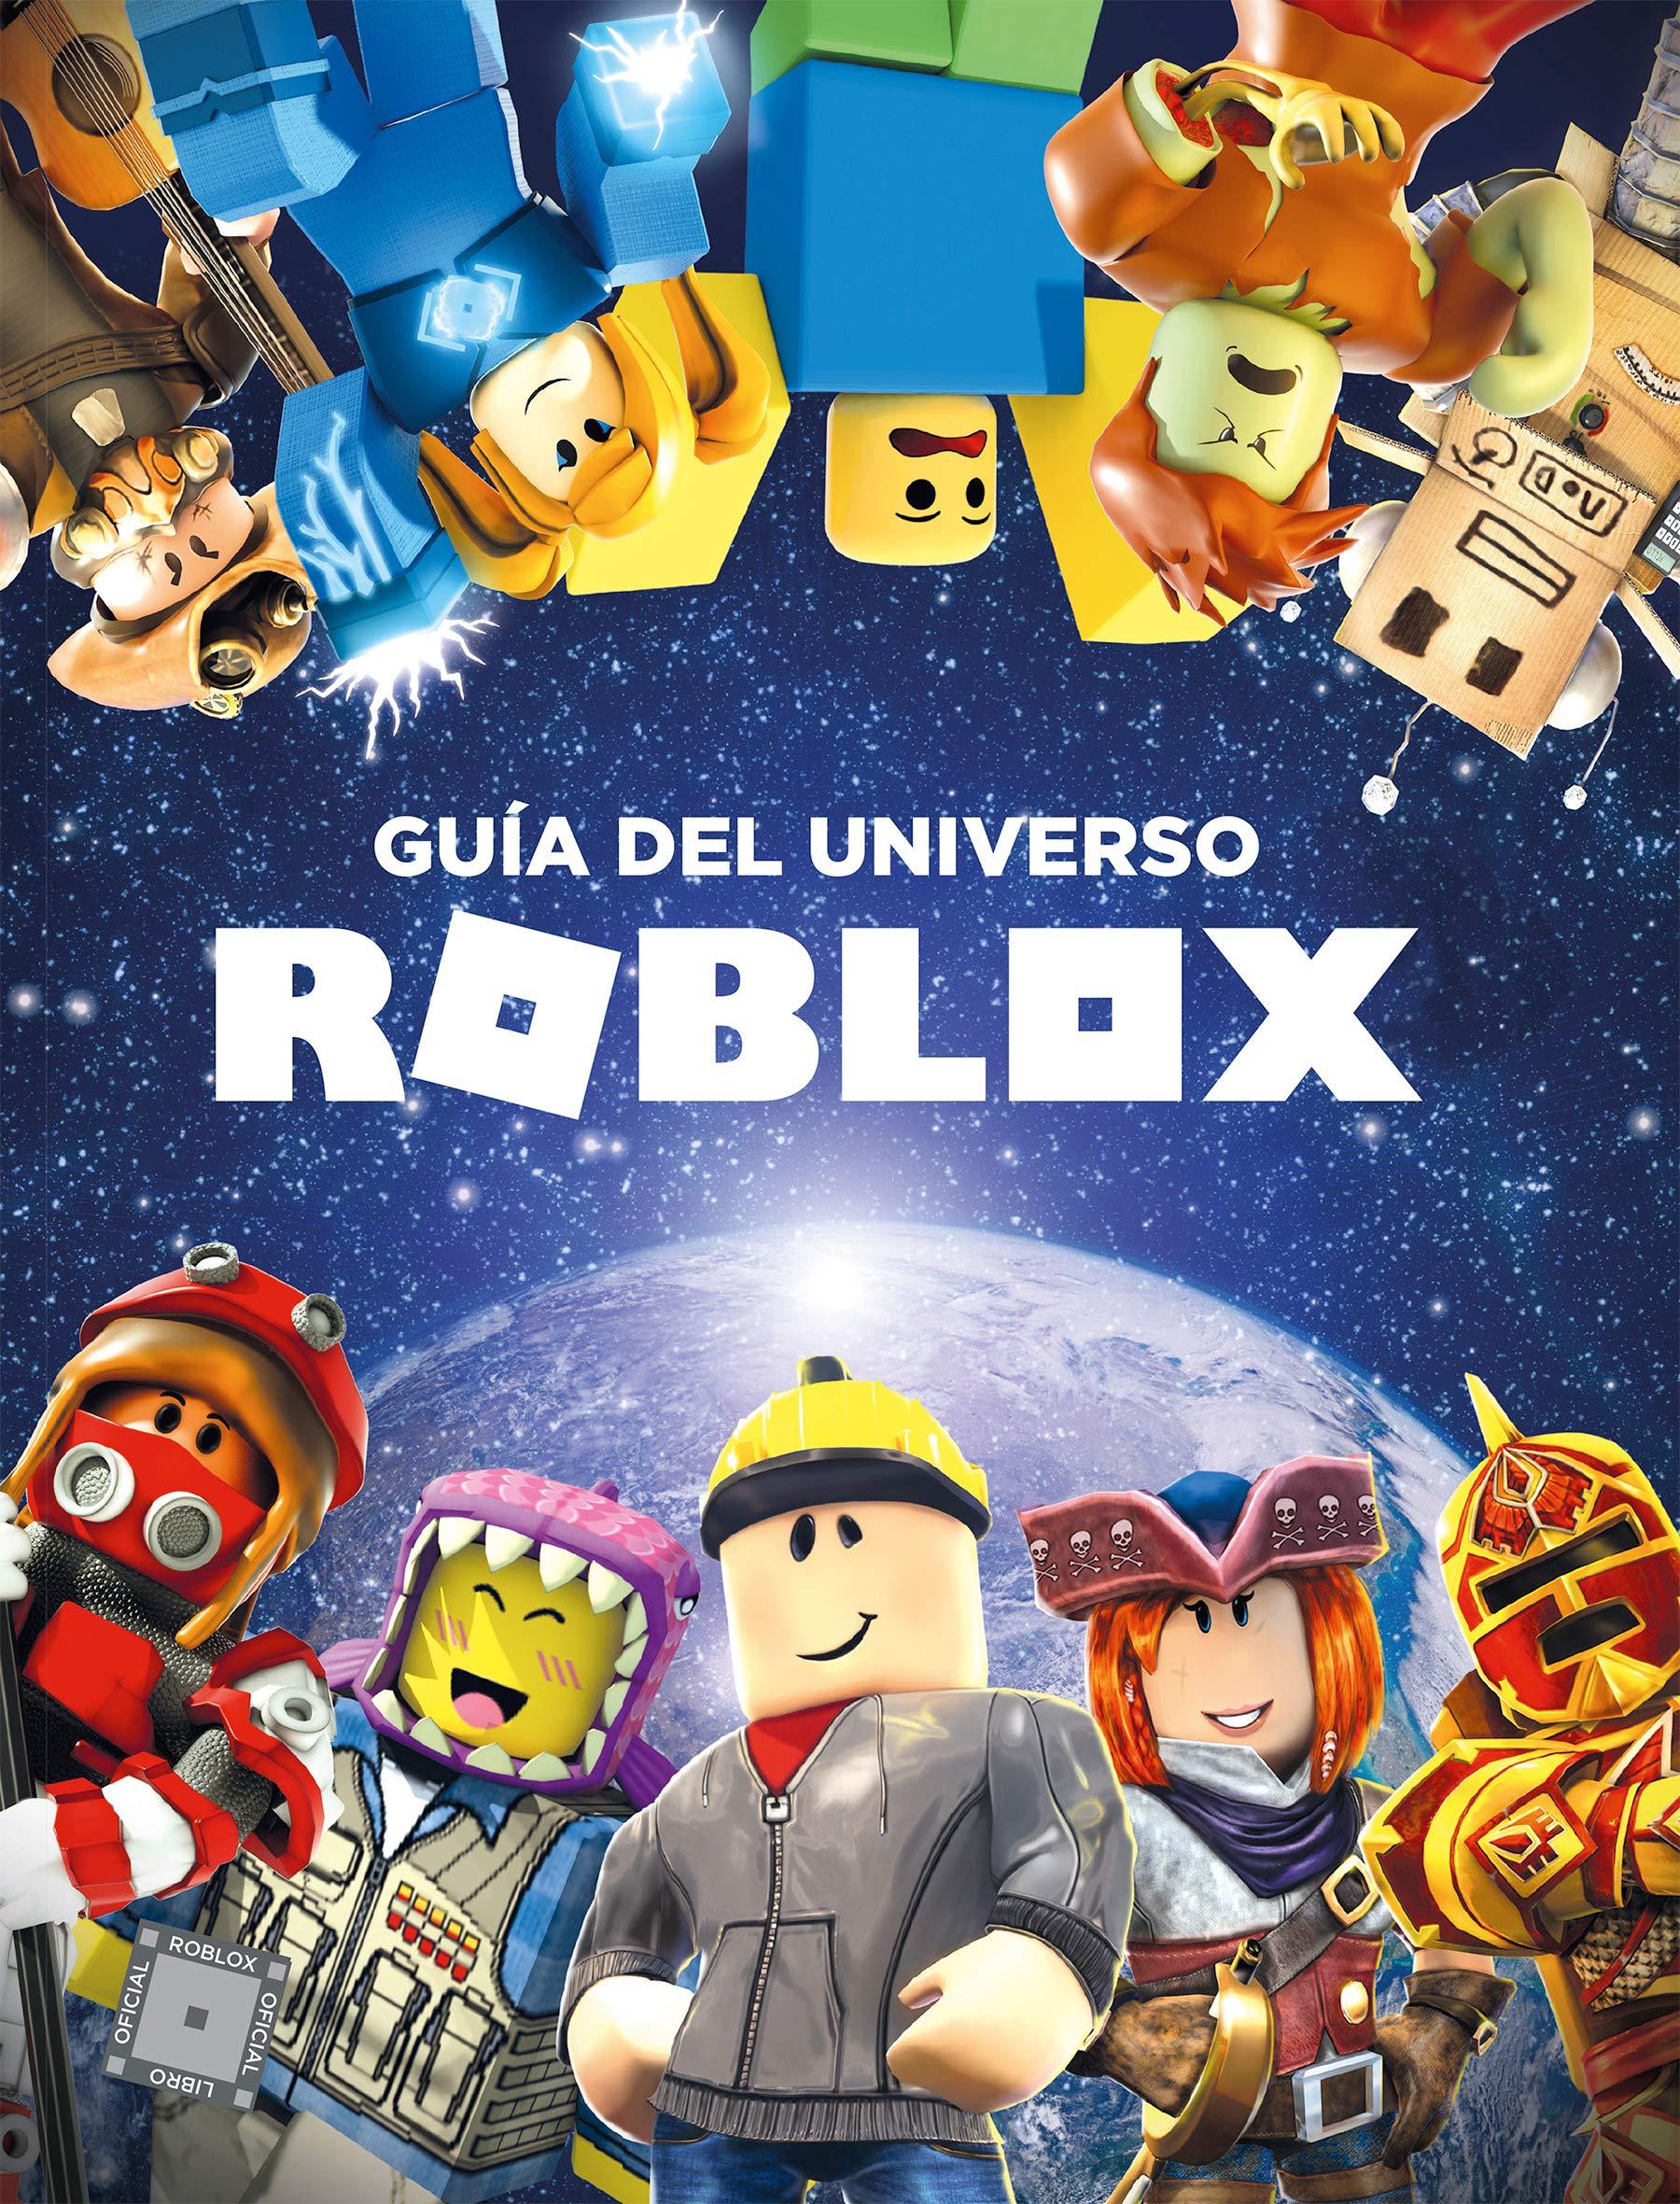 Roblox Guia Del Universo Roblox Inside The World Of Roblox